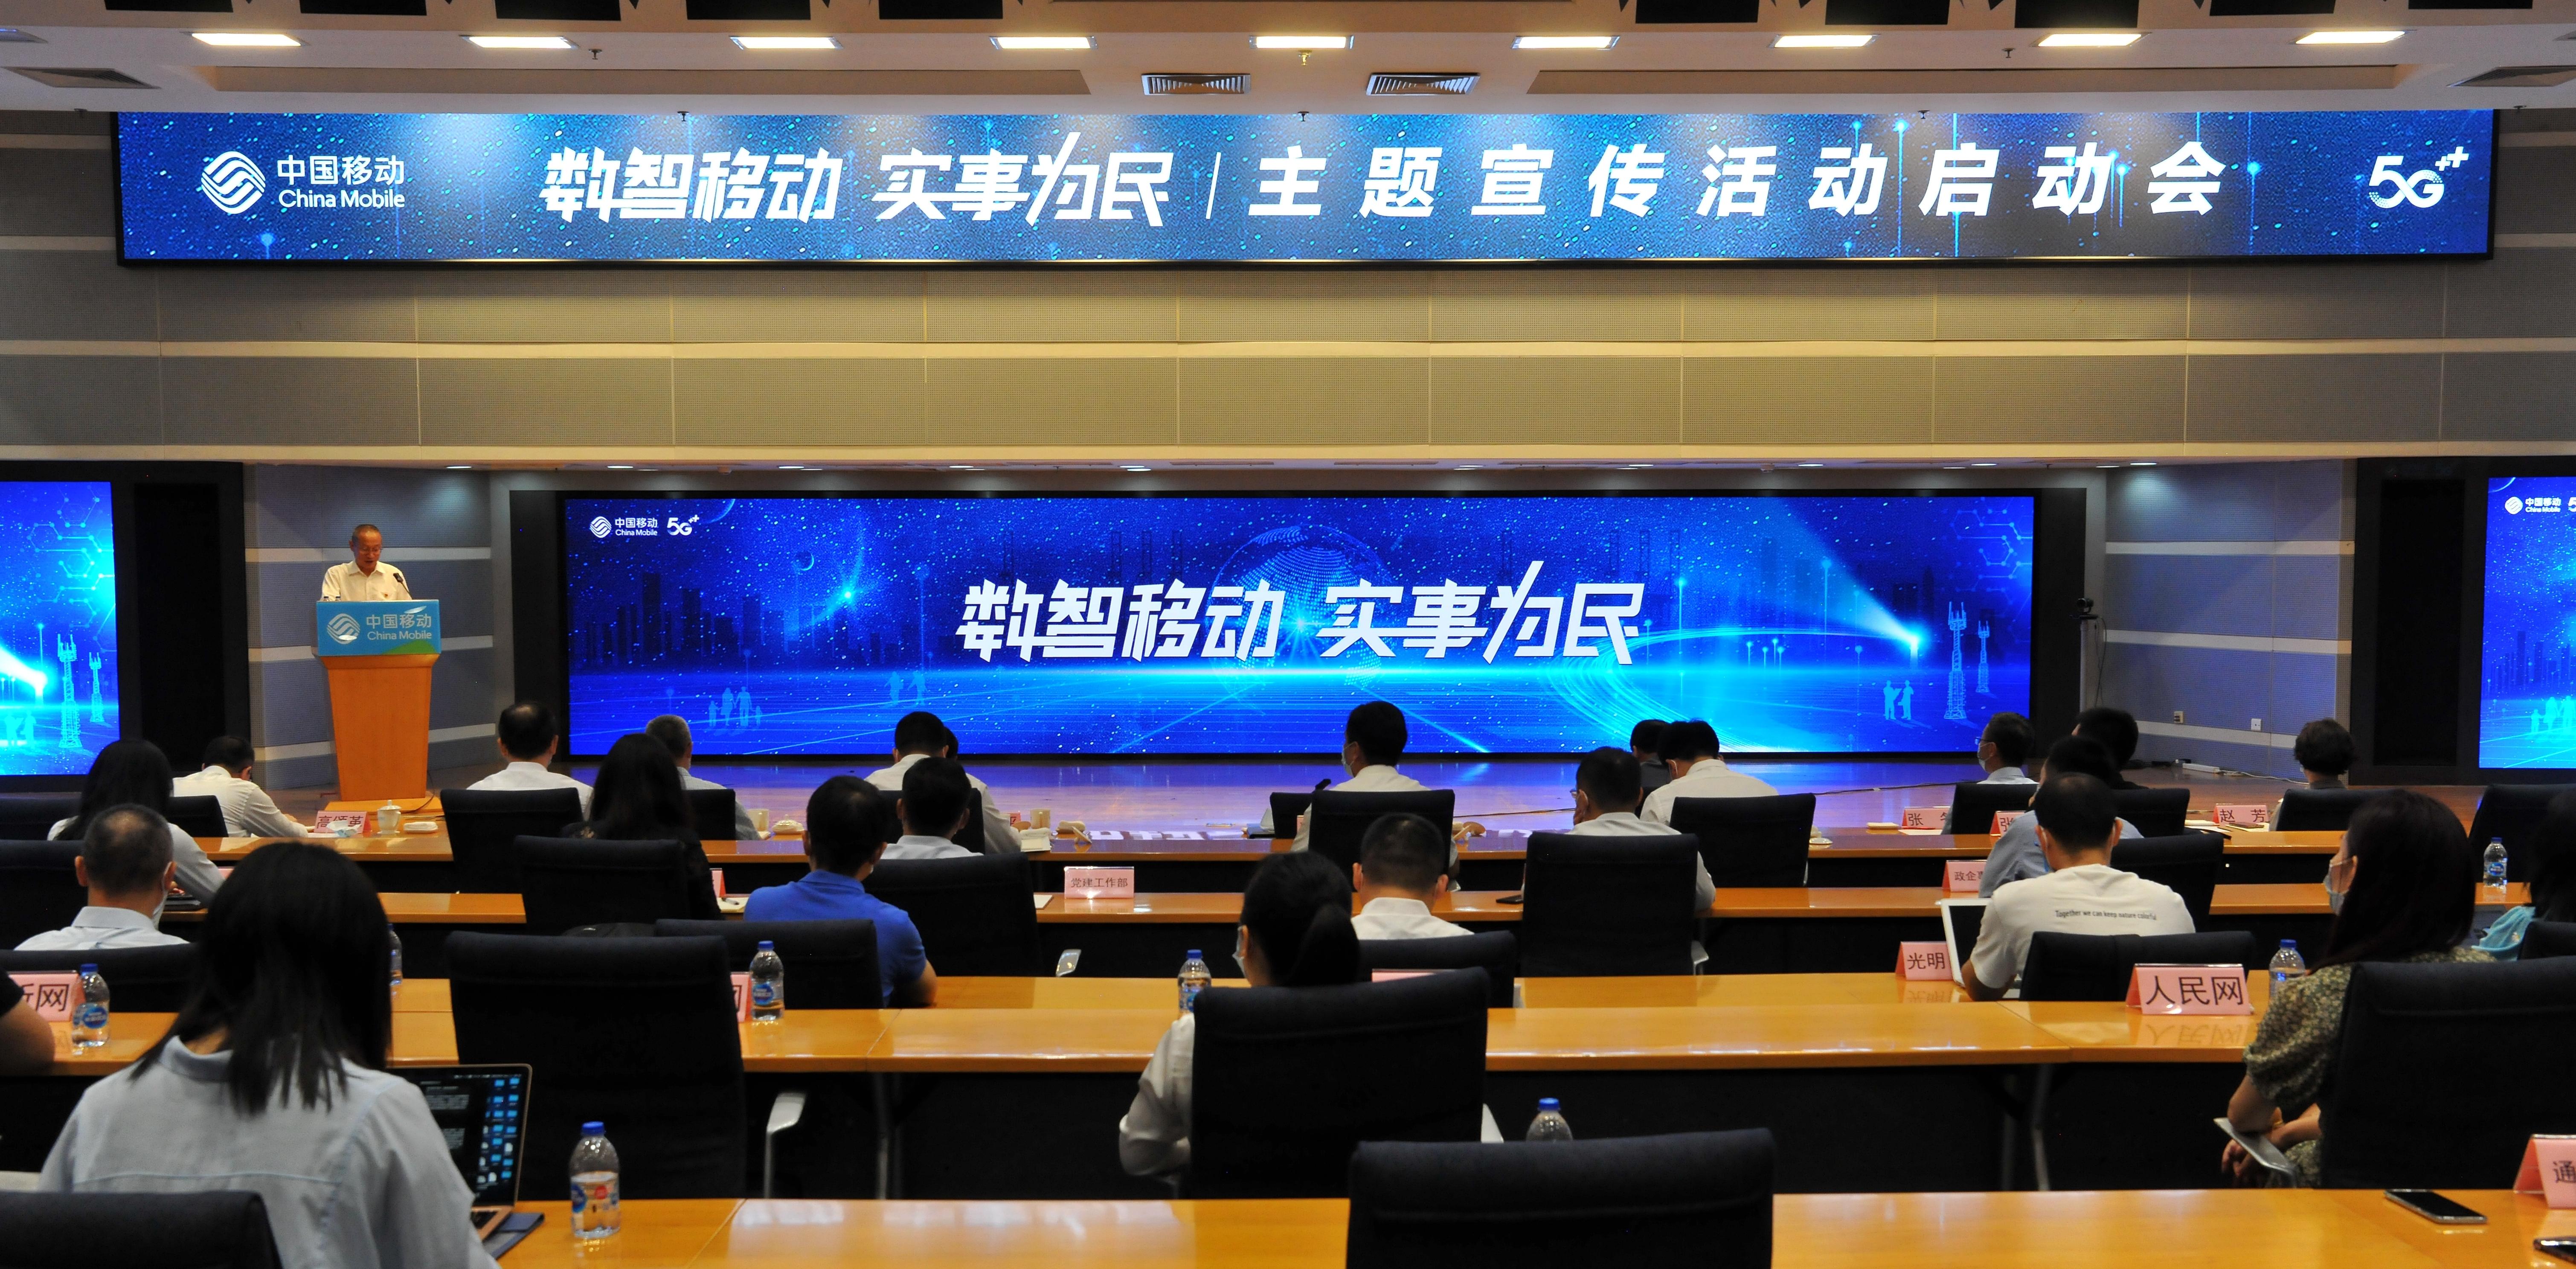 """中国移动启动""""数智移动实事为民""""主题宣传活动:共梳理近1300项重点项目"""